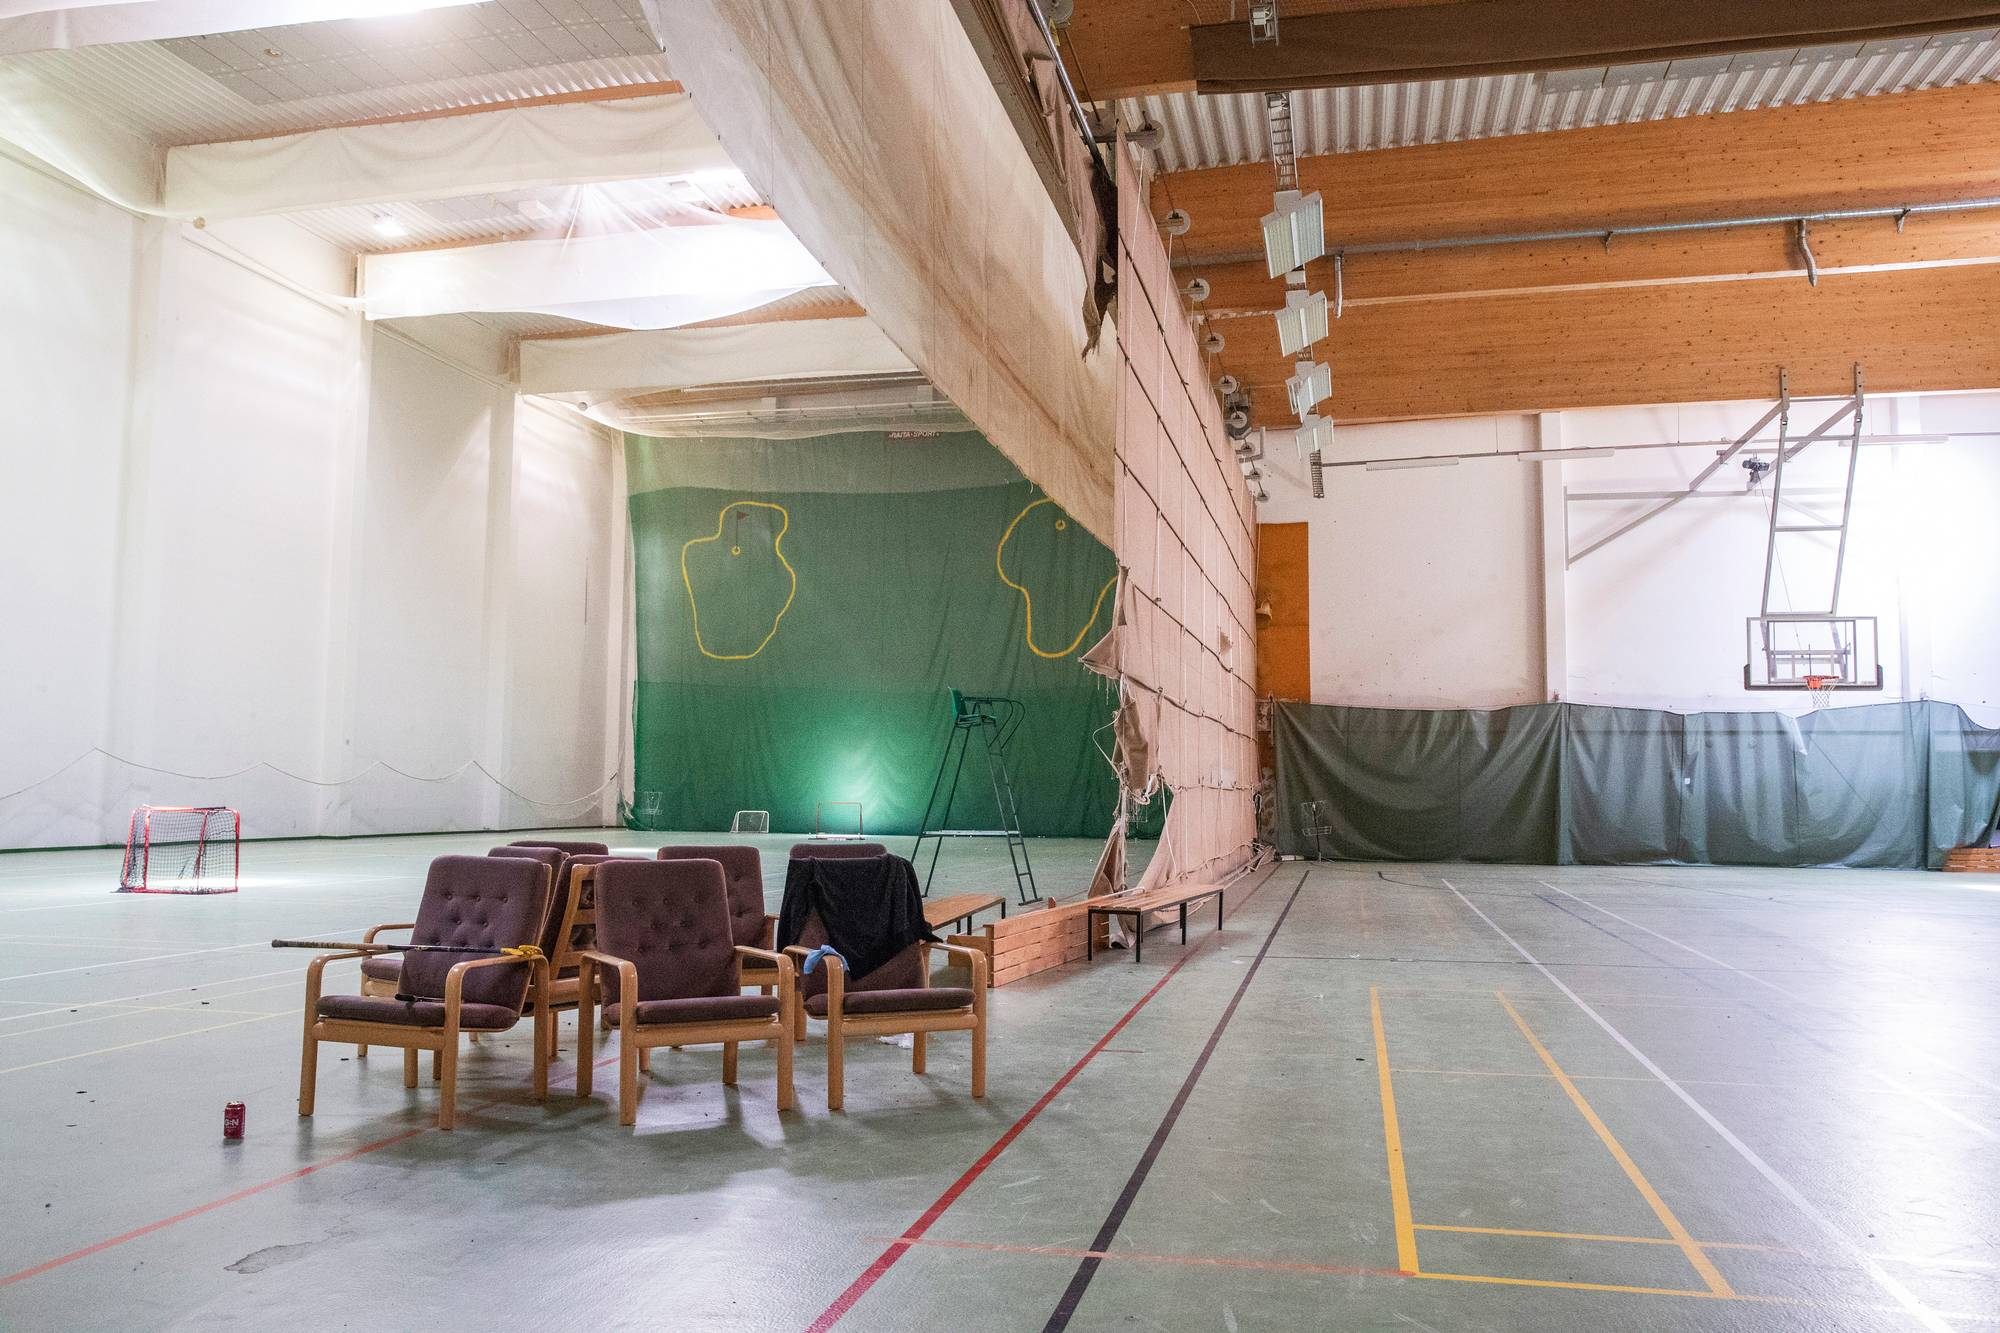 Keskuksessa on runsaasti yleisiä tiloja: iso liikuntahalli ja käytöstä poistettu uima-allas.